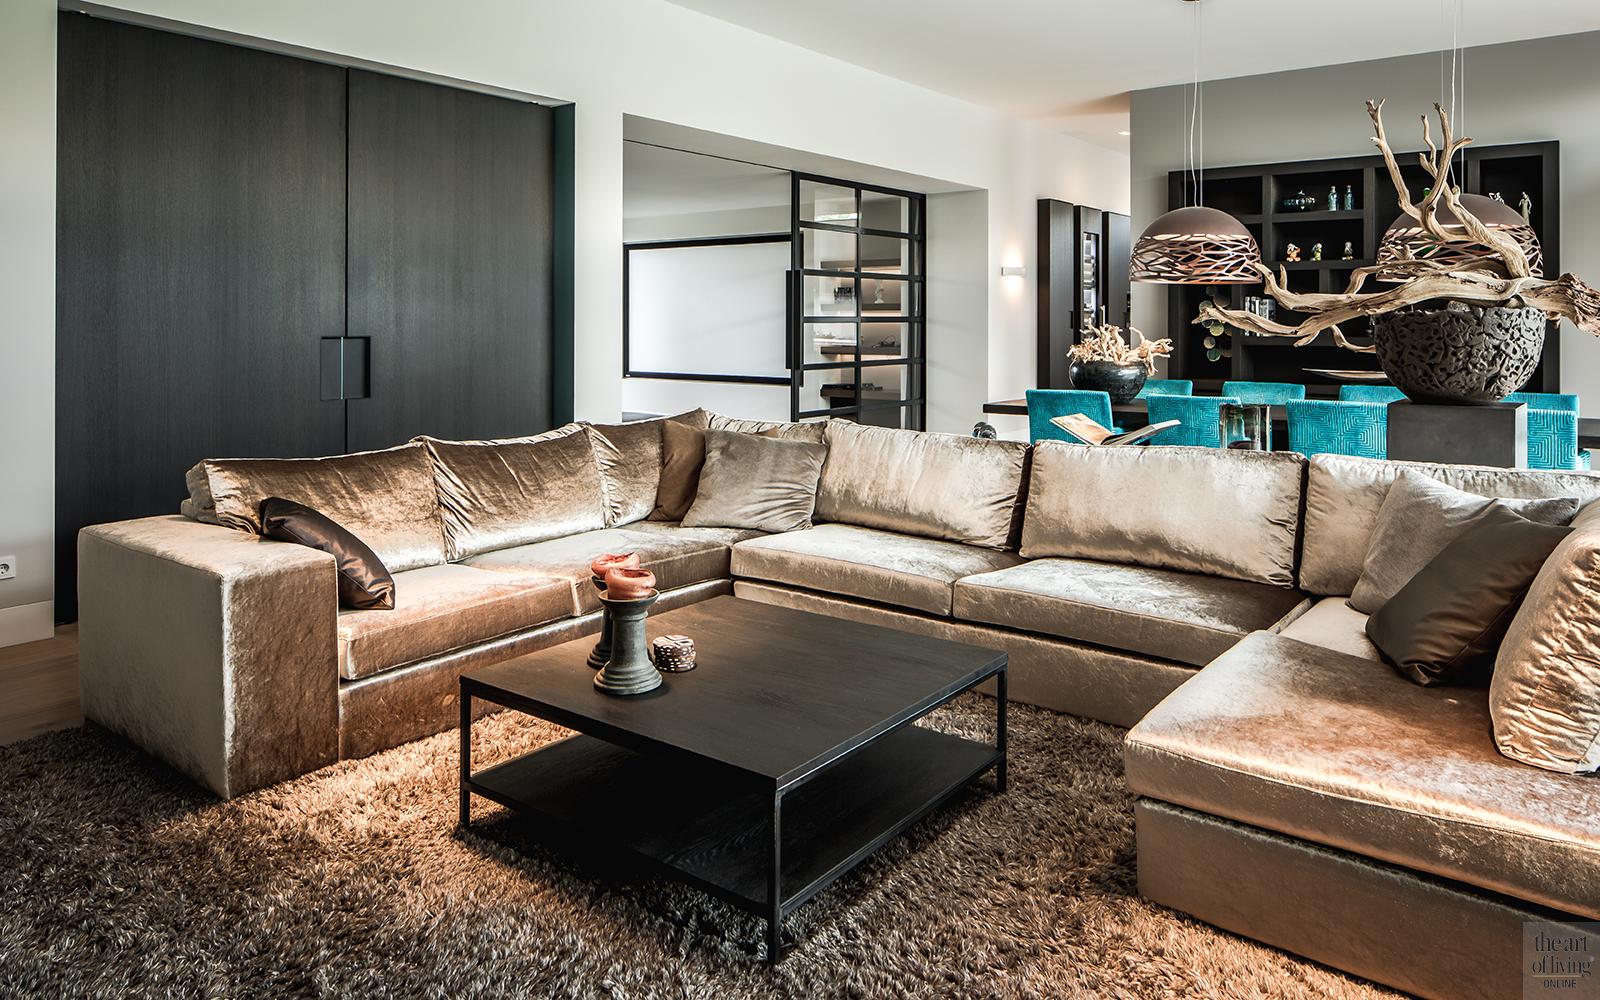 Natuurlijke materialen, Drijvers, Livingroom, Alphenberg, Velours bank, Lounge, Design interieur, Interieur